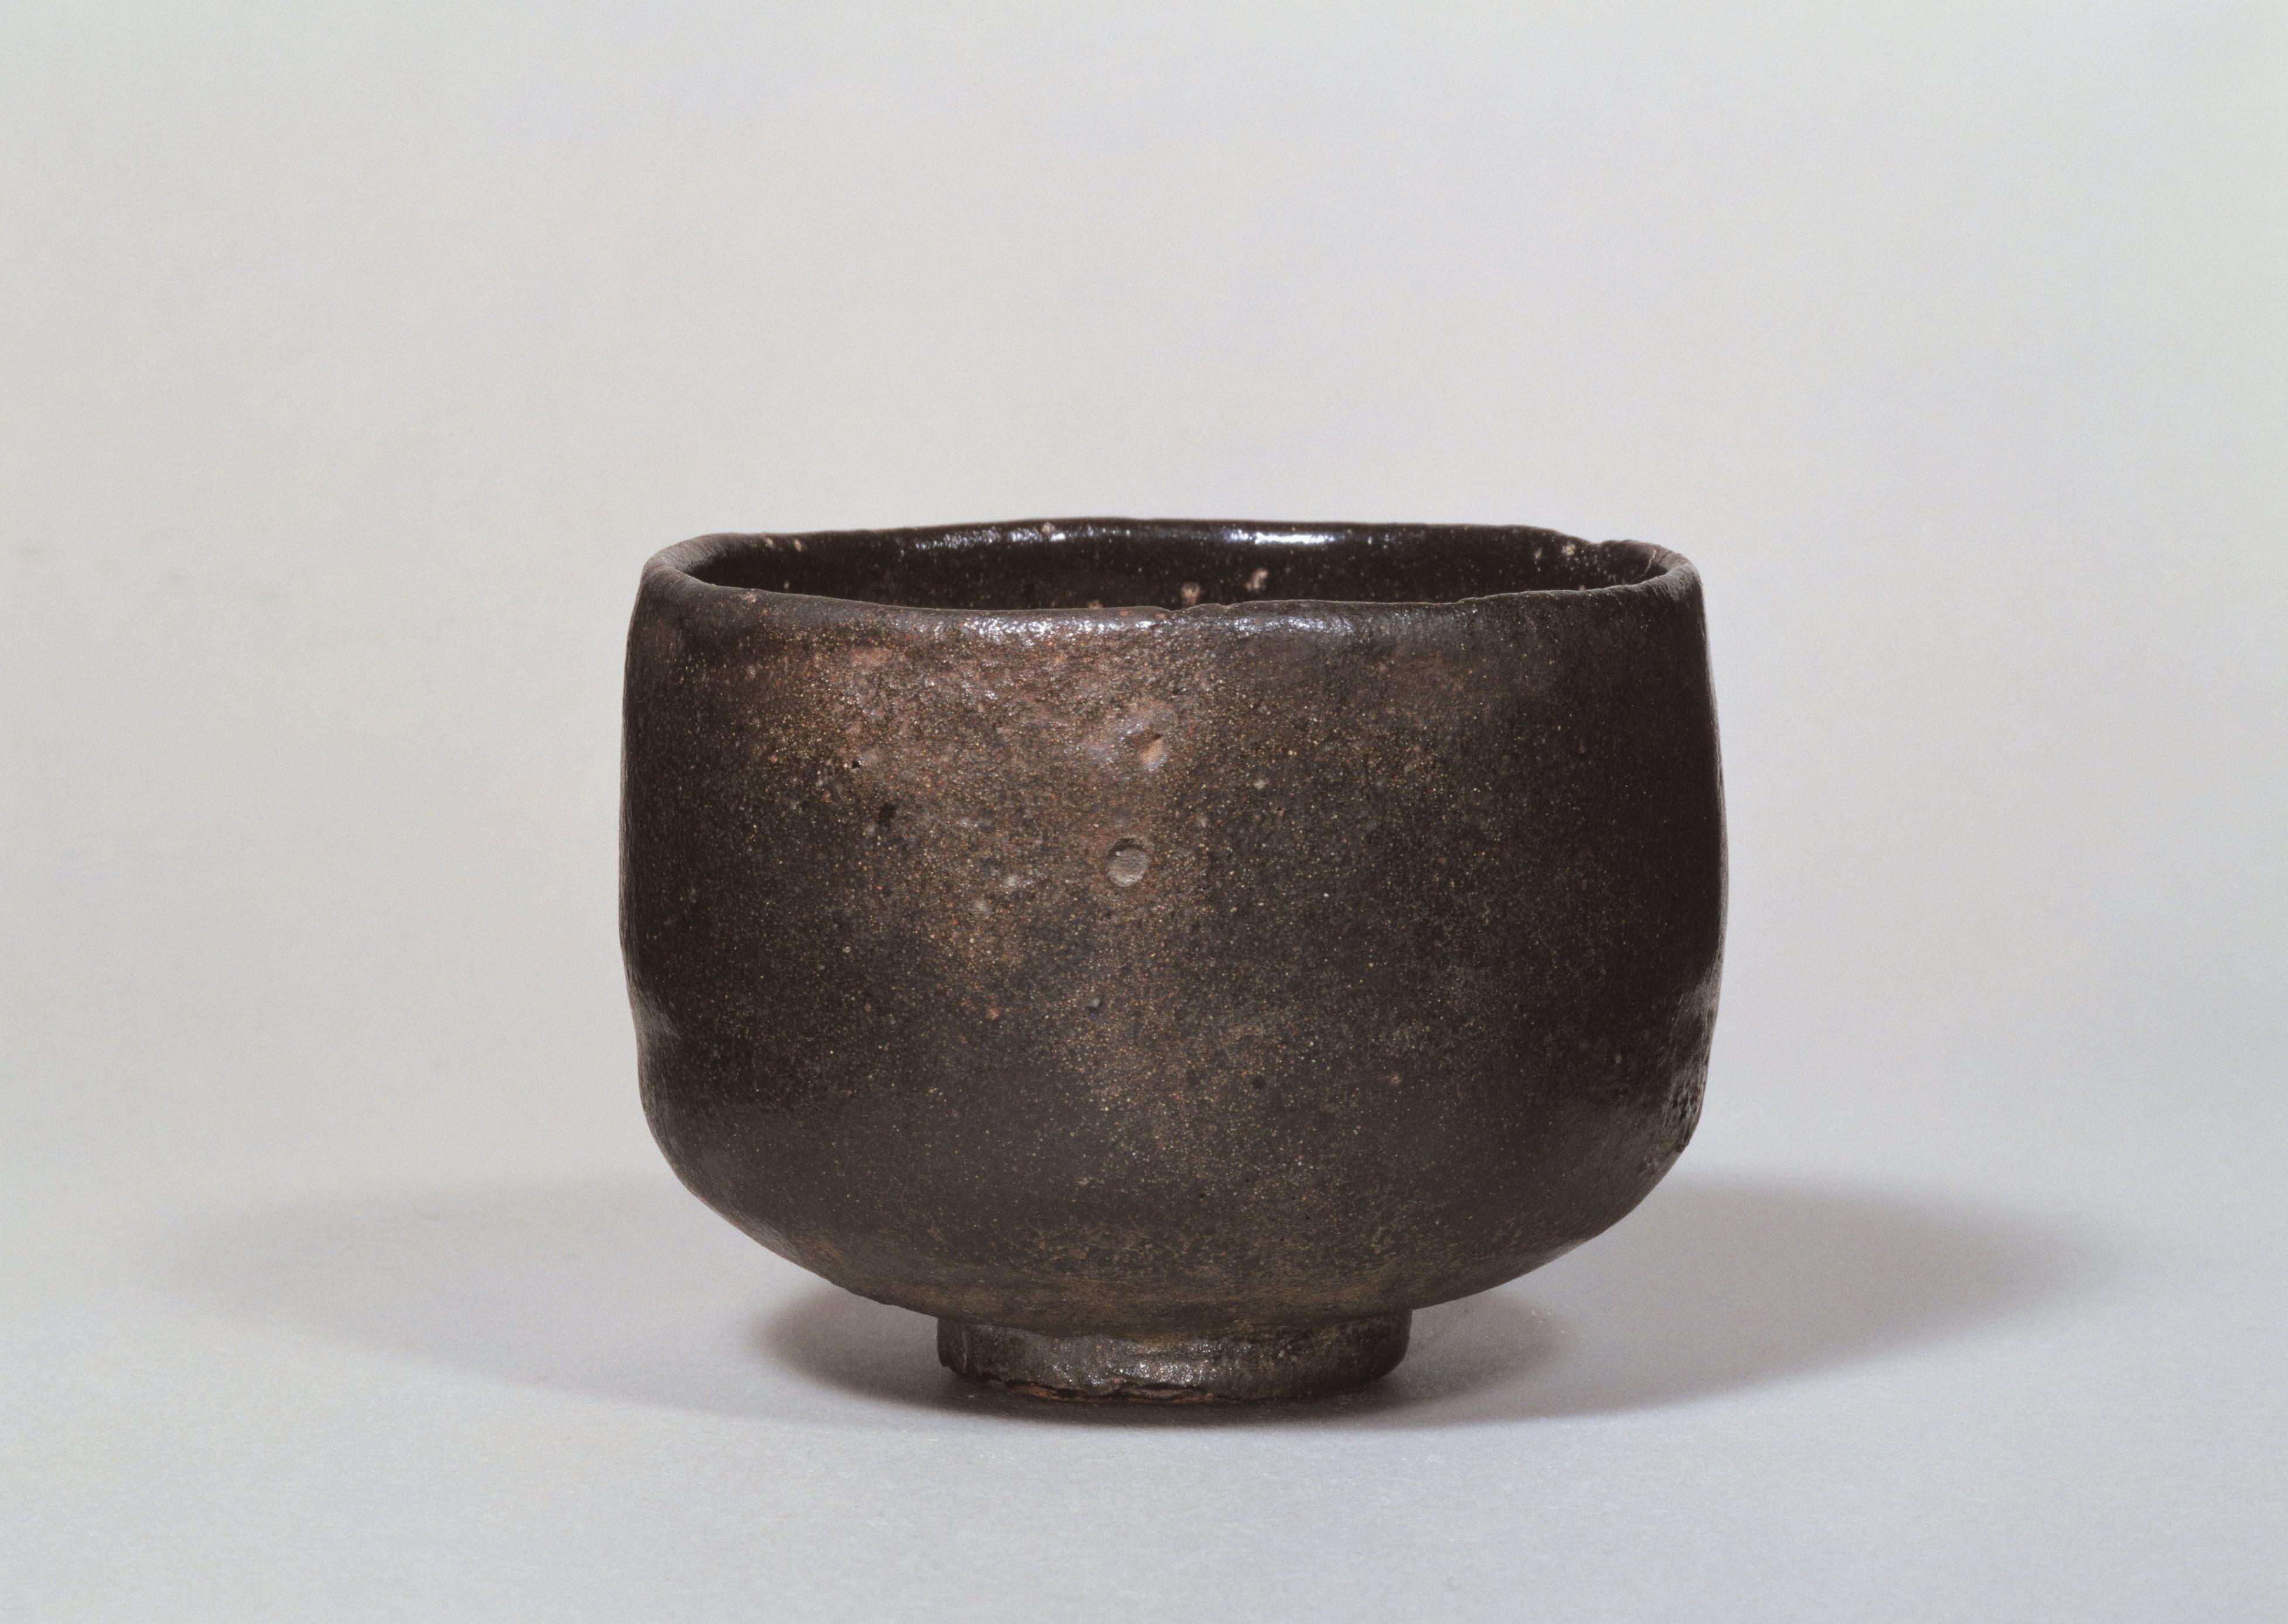 初代 長次郎 黒樂茶碗 銘 大黒 重要文化財 桃山時代(十六世紀) 個人蔵